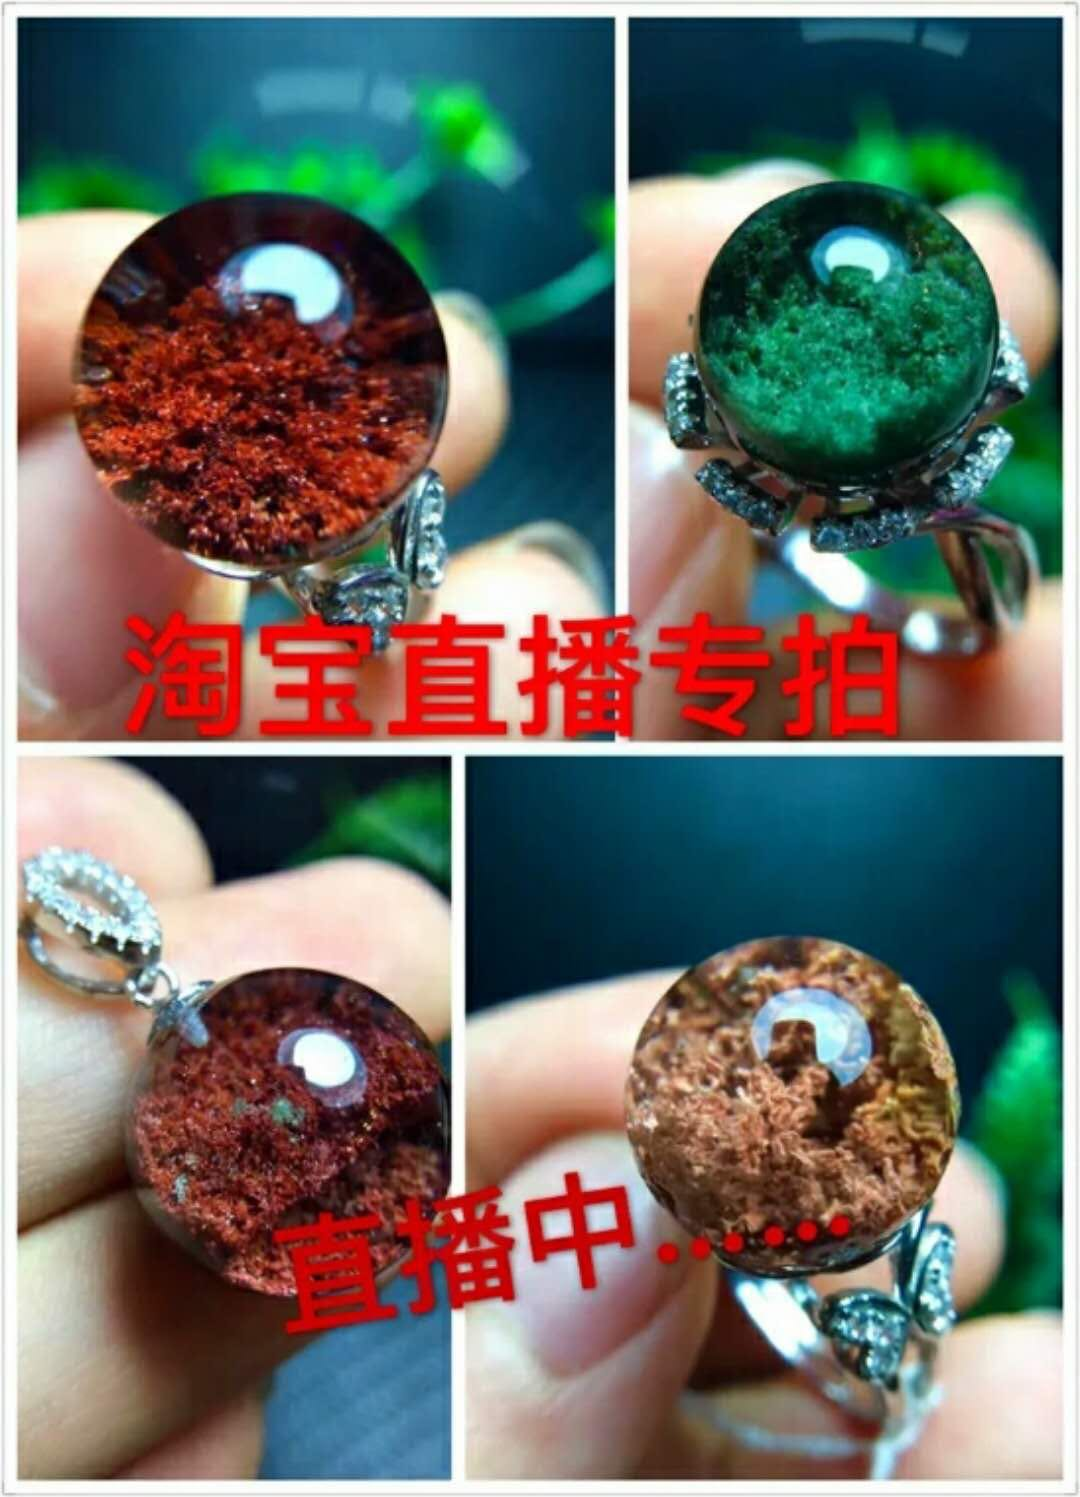 厂家直销淘宝直播幽灵发晶转运珠戒指吊坠石榴石发晶手链幽灵球球